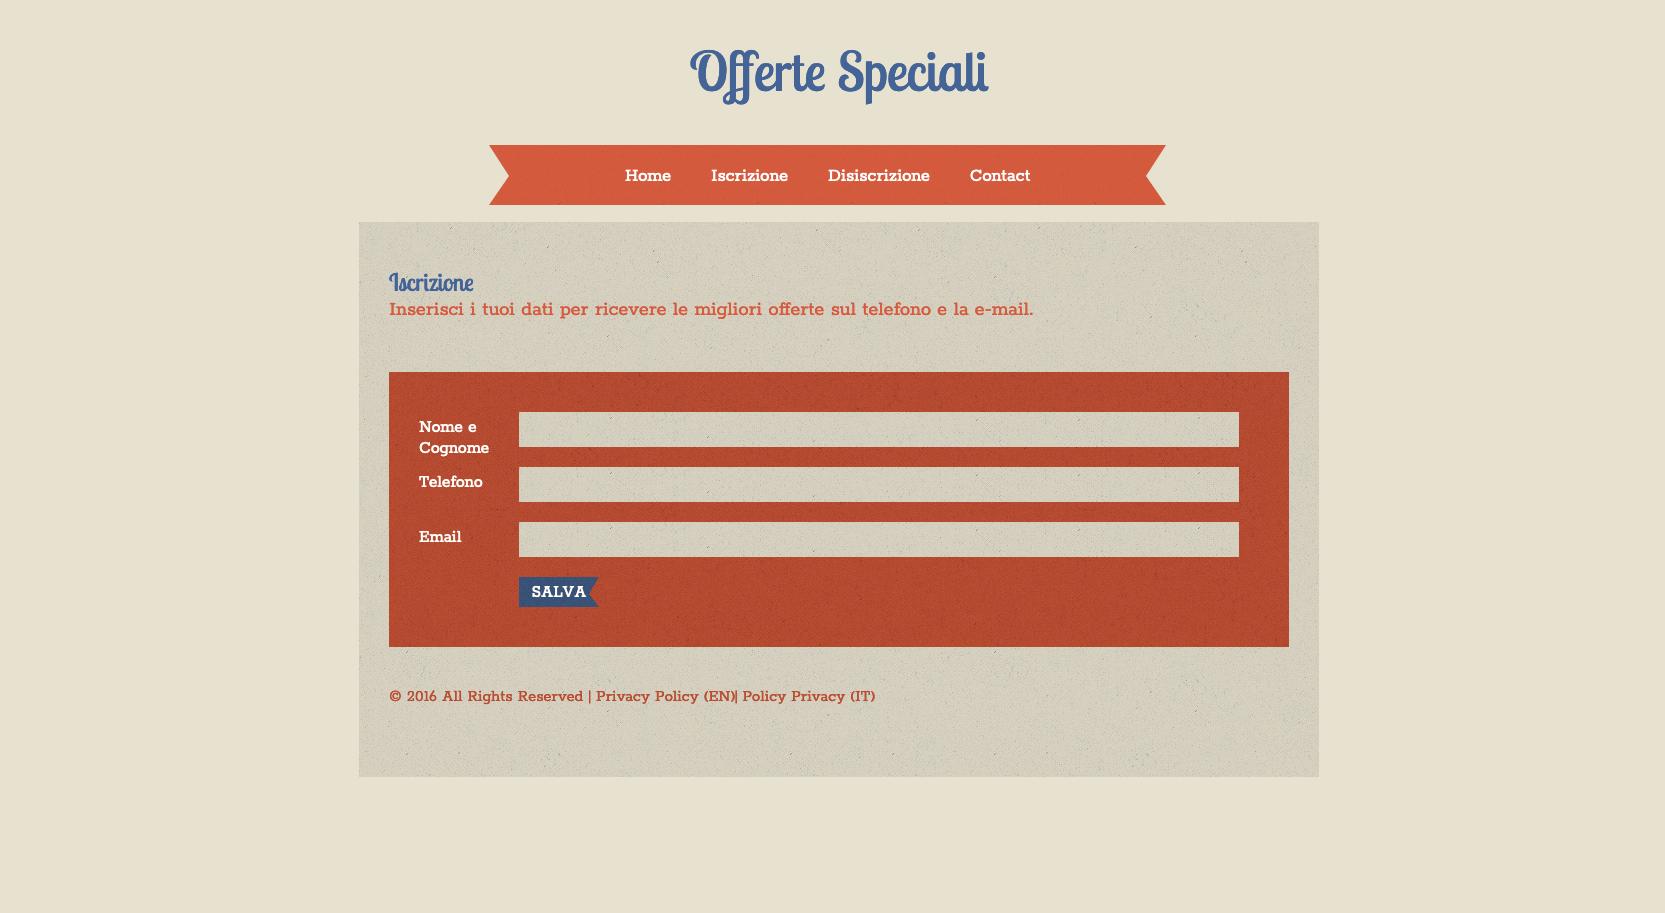 offerteSpeciali_3